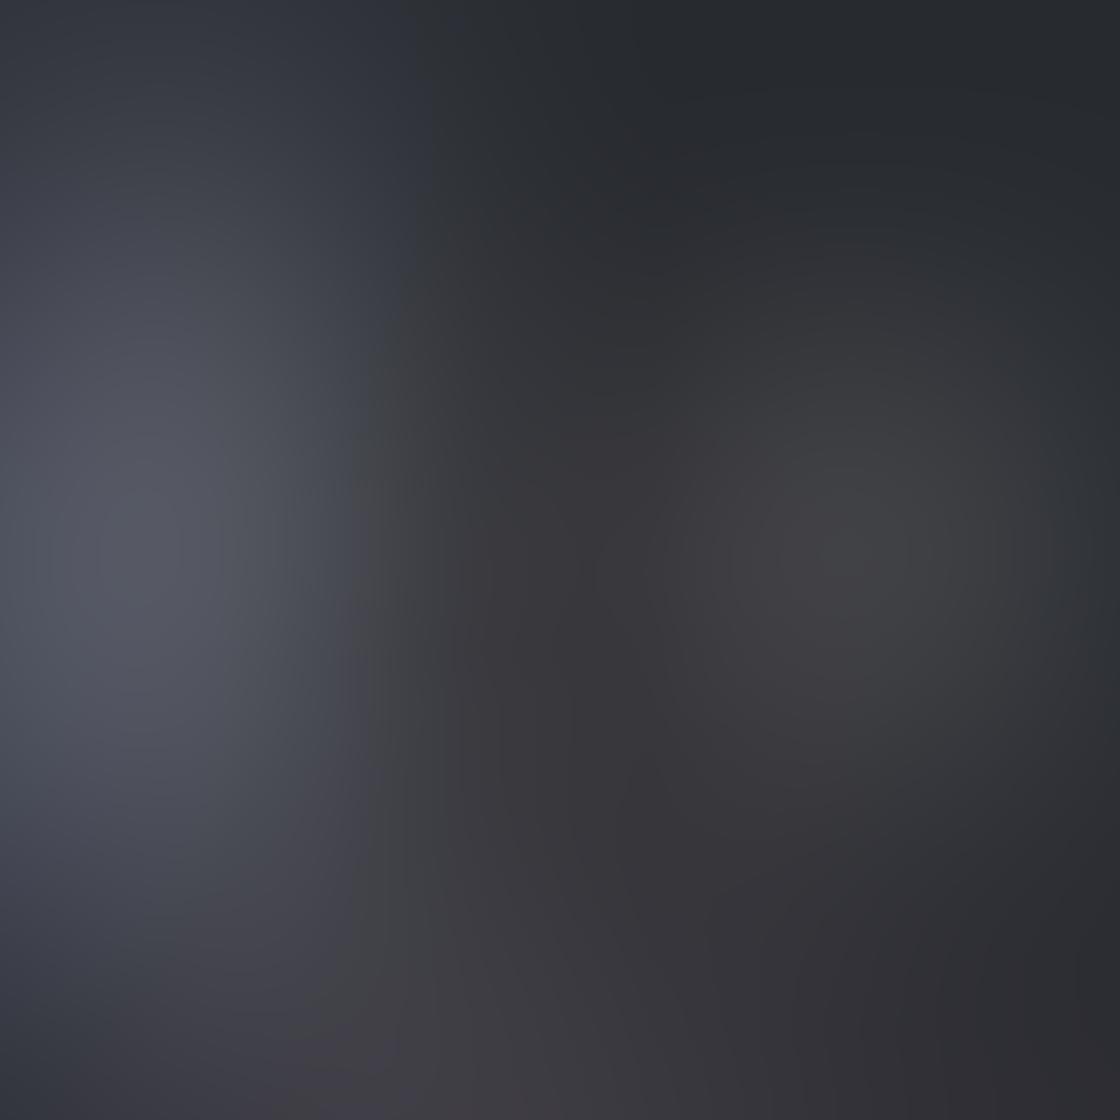 iPhone Photos Low Light 10